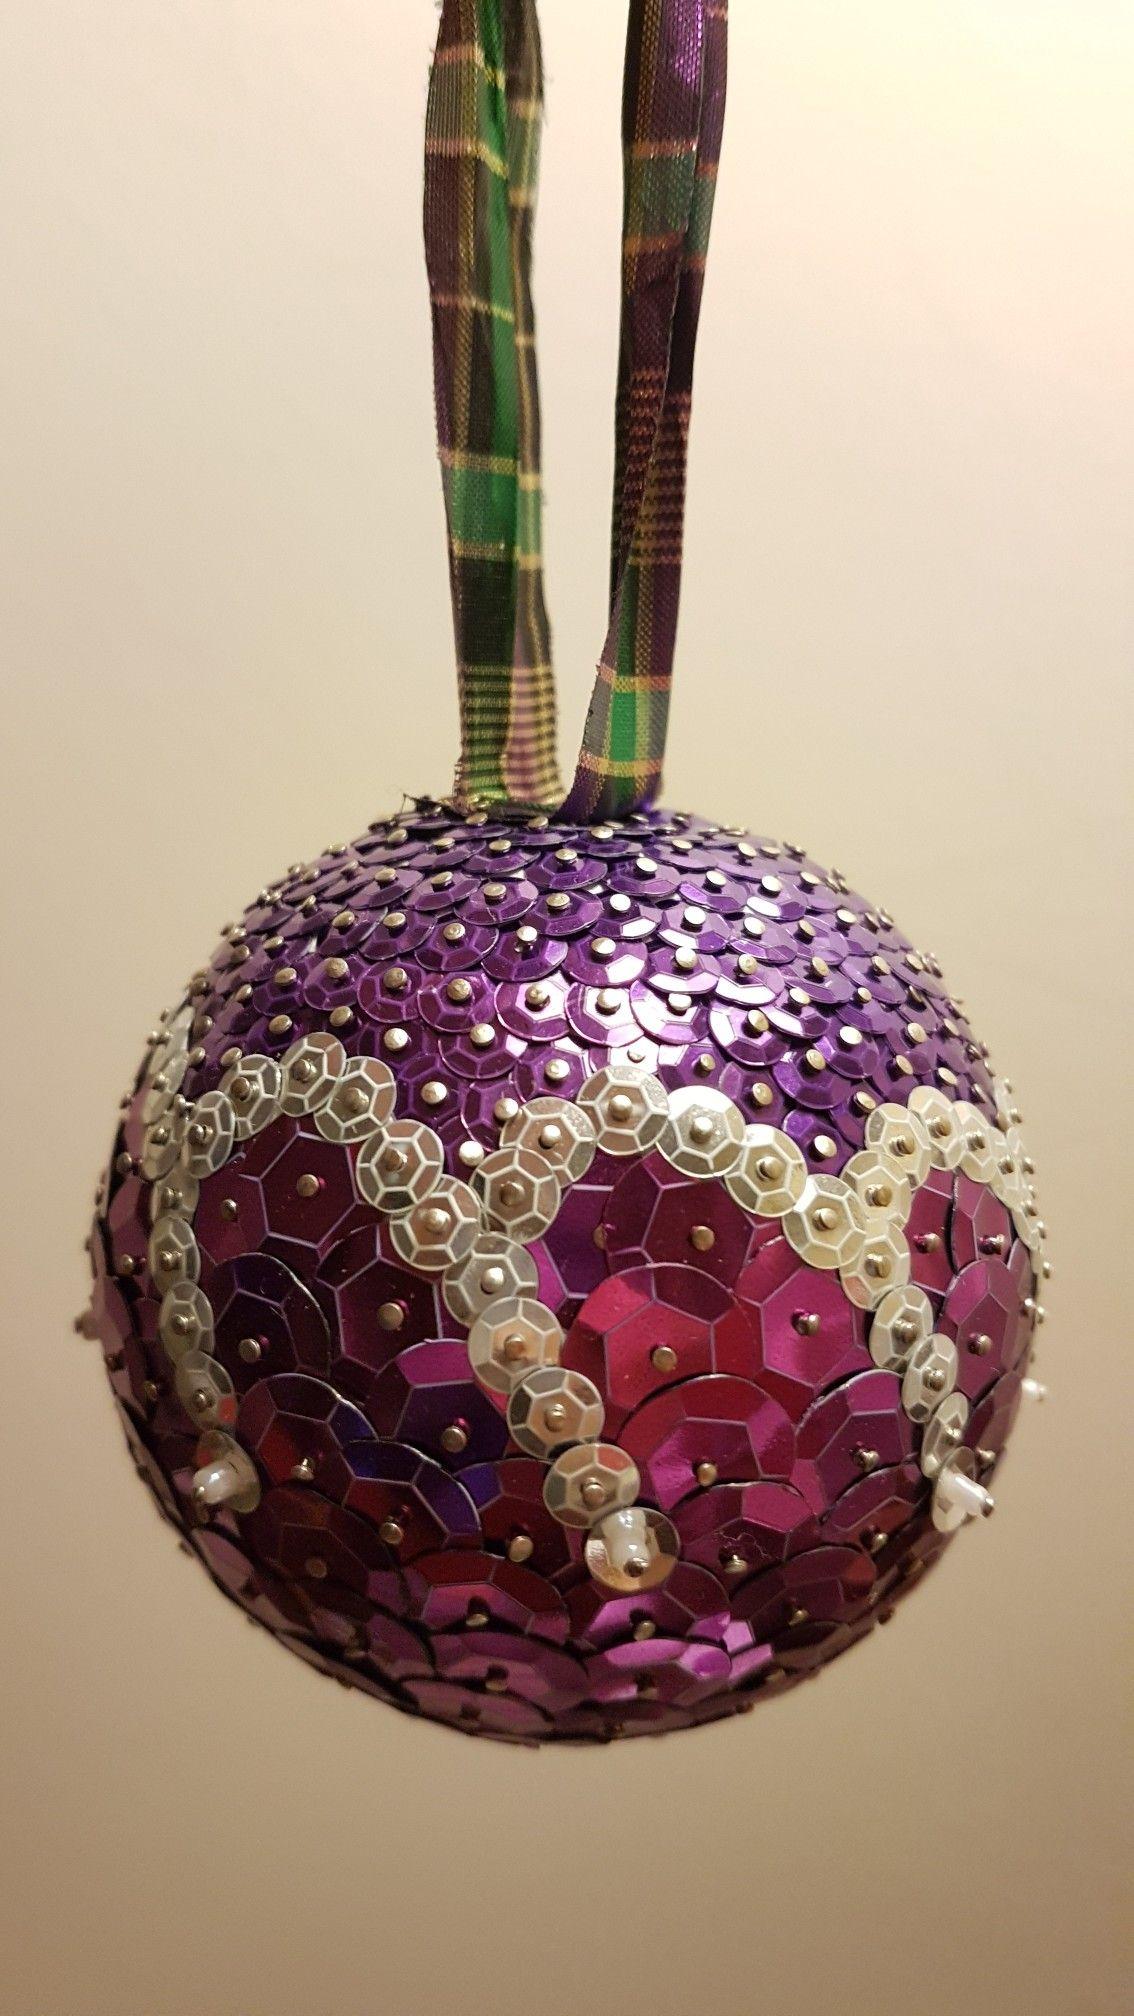 Purple Christmas Christmas Ornaments Homemade Diy Christmas Ornaments Sequin Ornaments